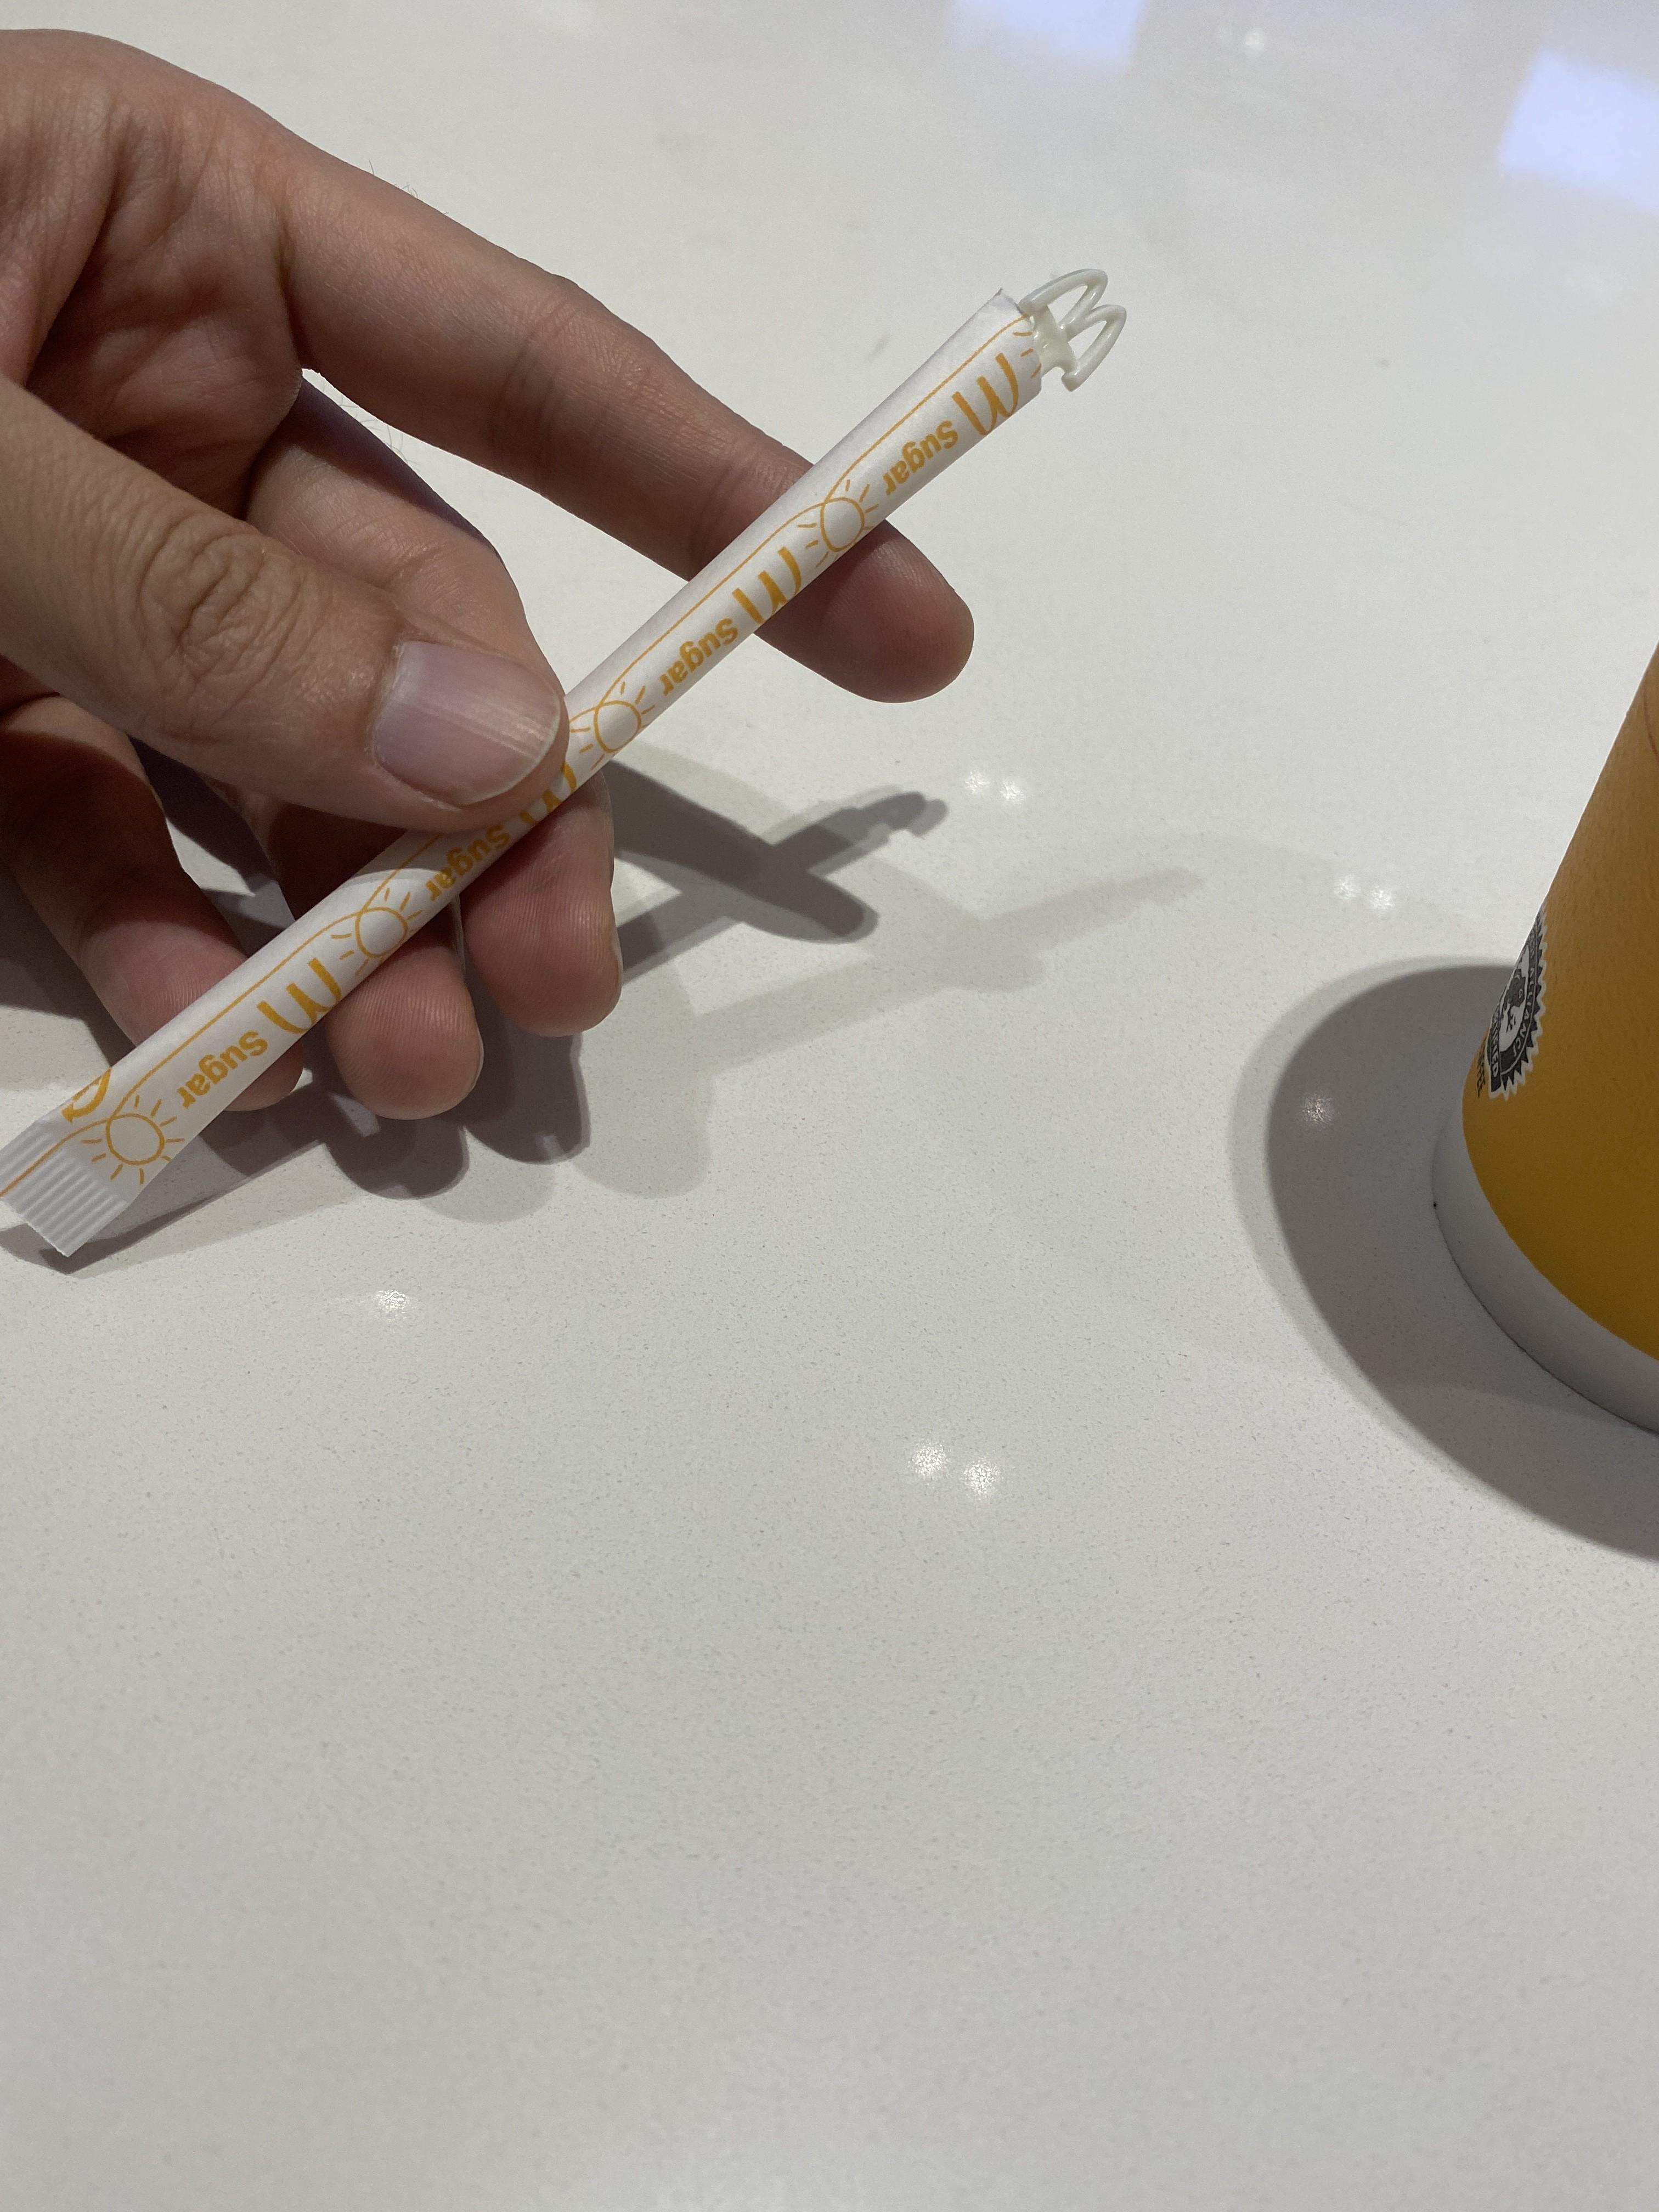 砂糖とマドラーとカフェラテ【非公式】マクドナルドでカフェラテ買ったあと、砂糖を入れてマドラーで掻き回した後、ちゃんとする方法